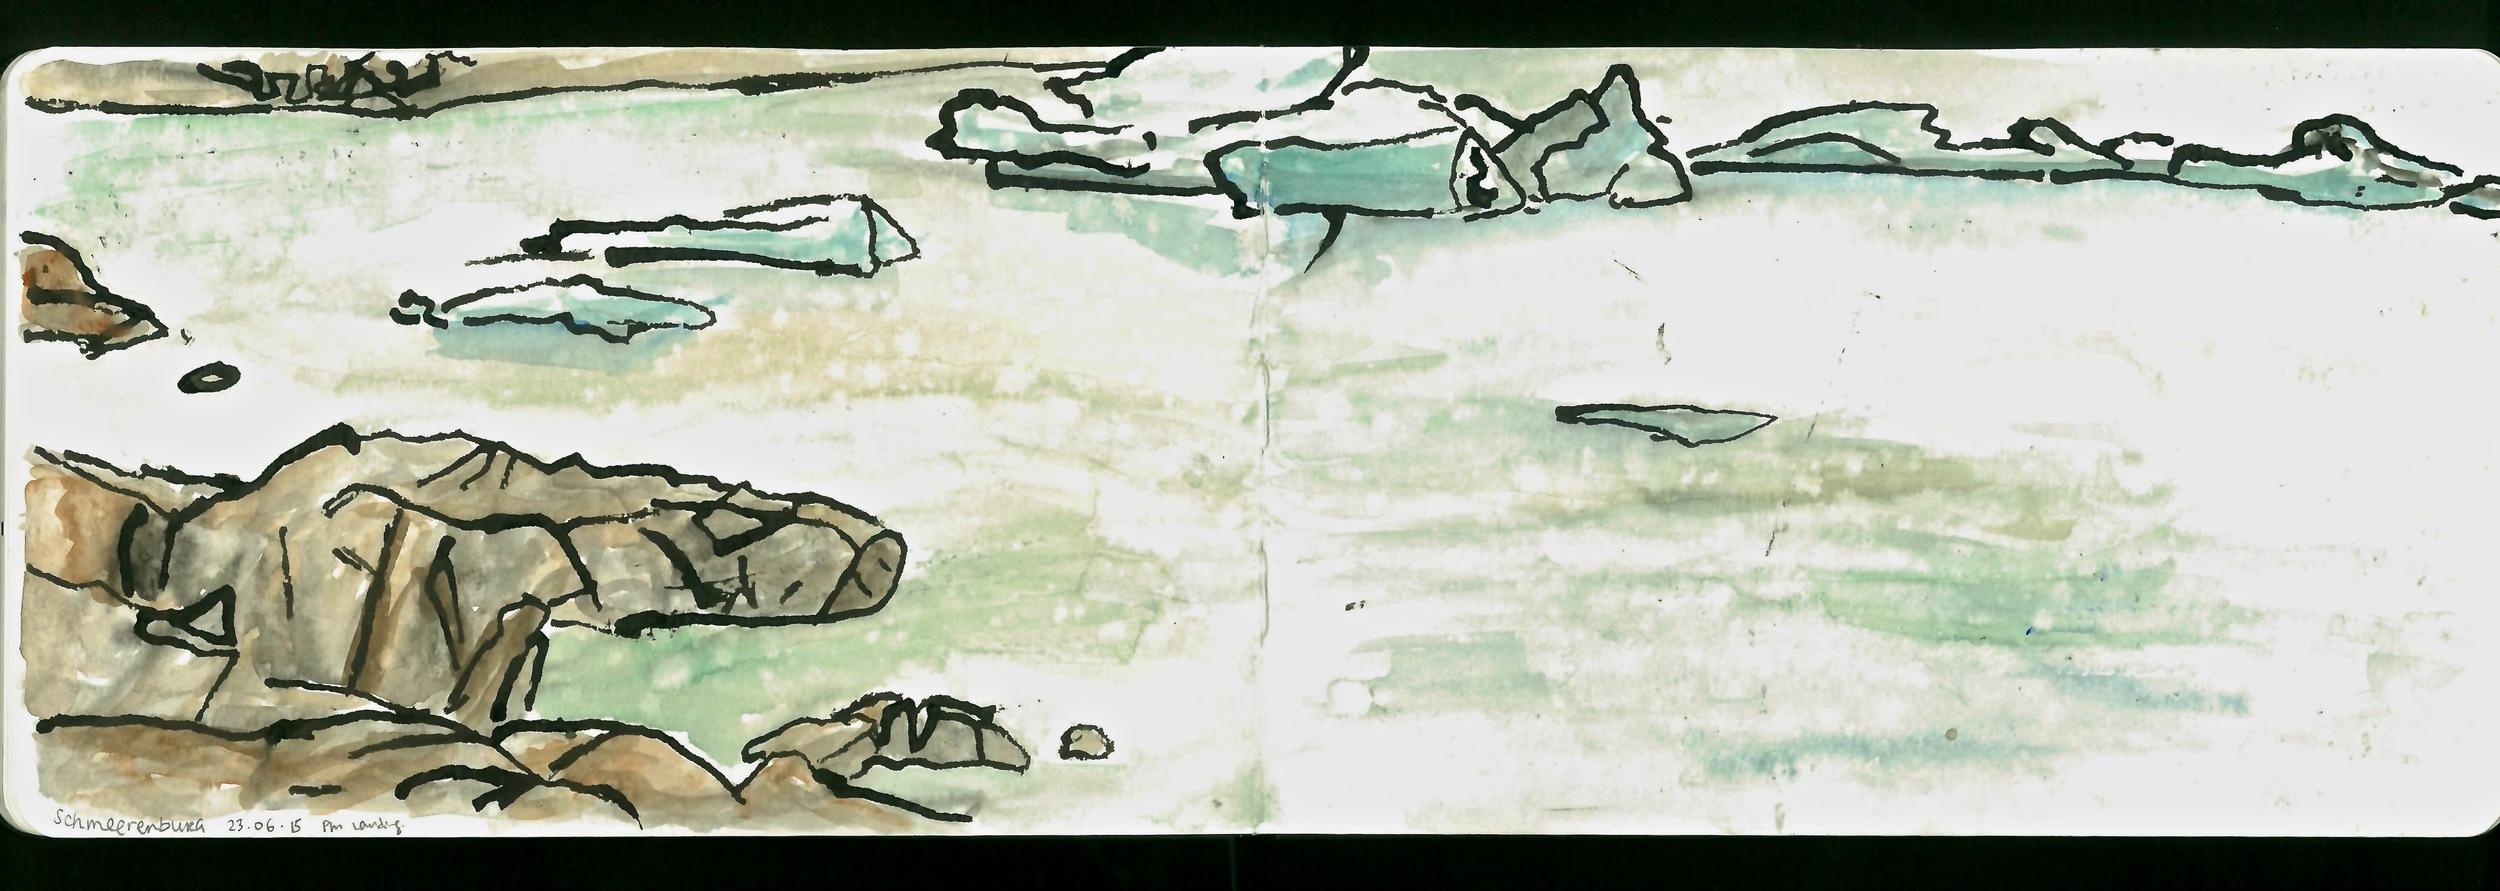 artsketch2-0021.jpg